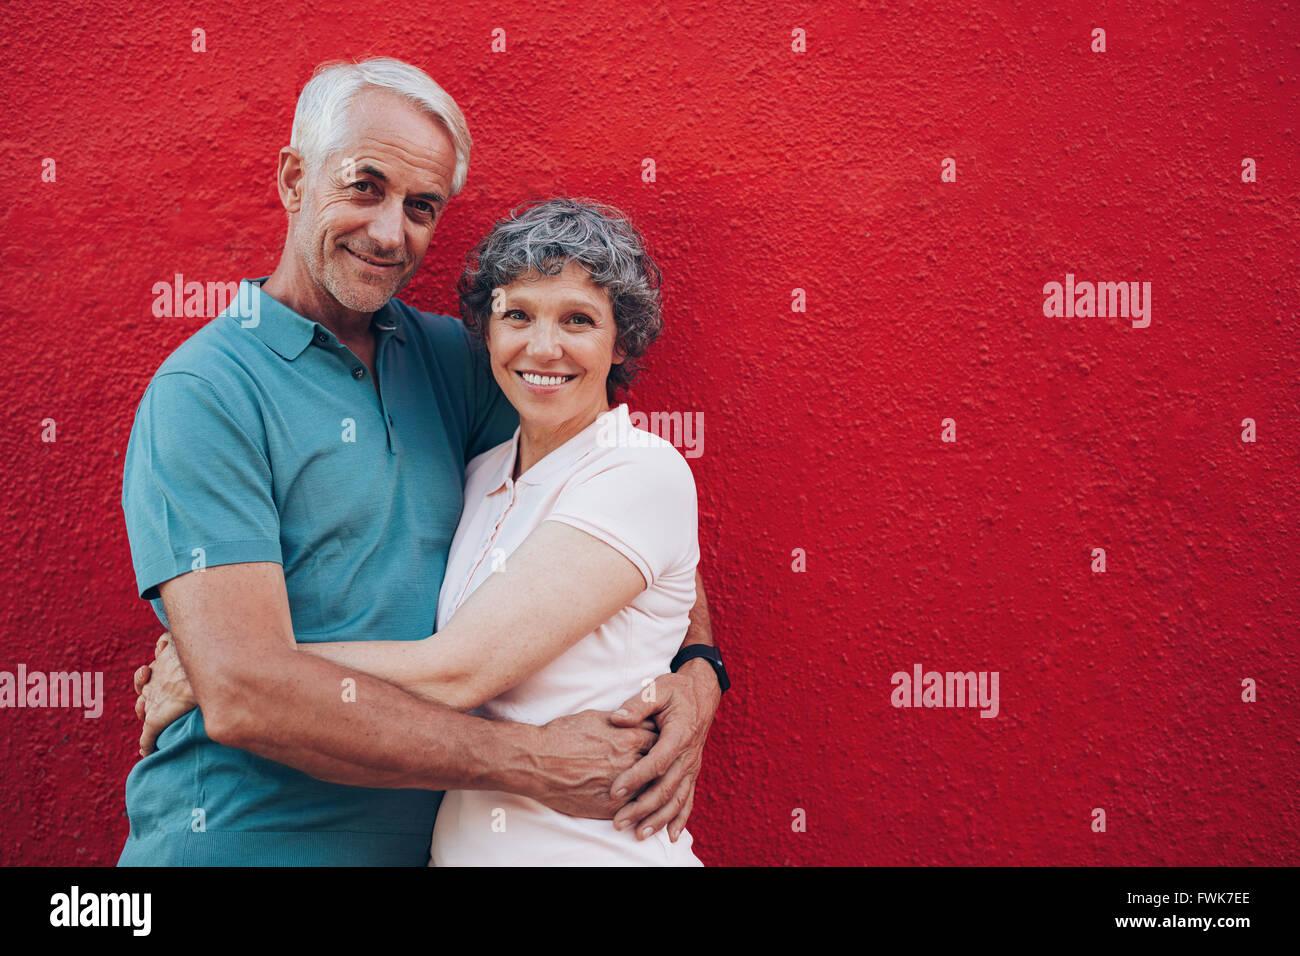 Ritratto di amare l uomo di mezza età e la donna in piedi insieme contro lo sfondo di colore rosso. Coppia Immagini Stock